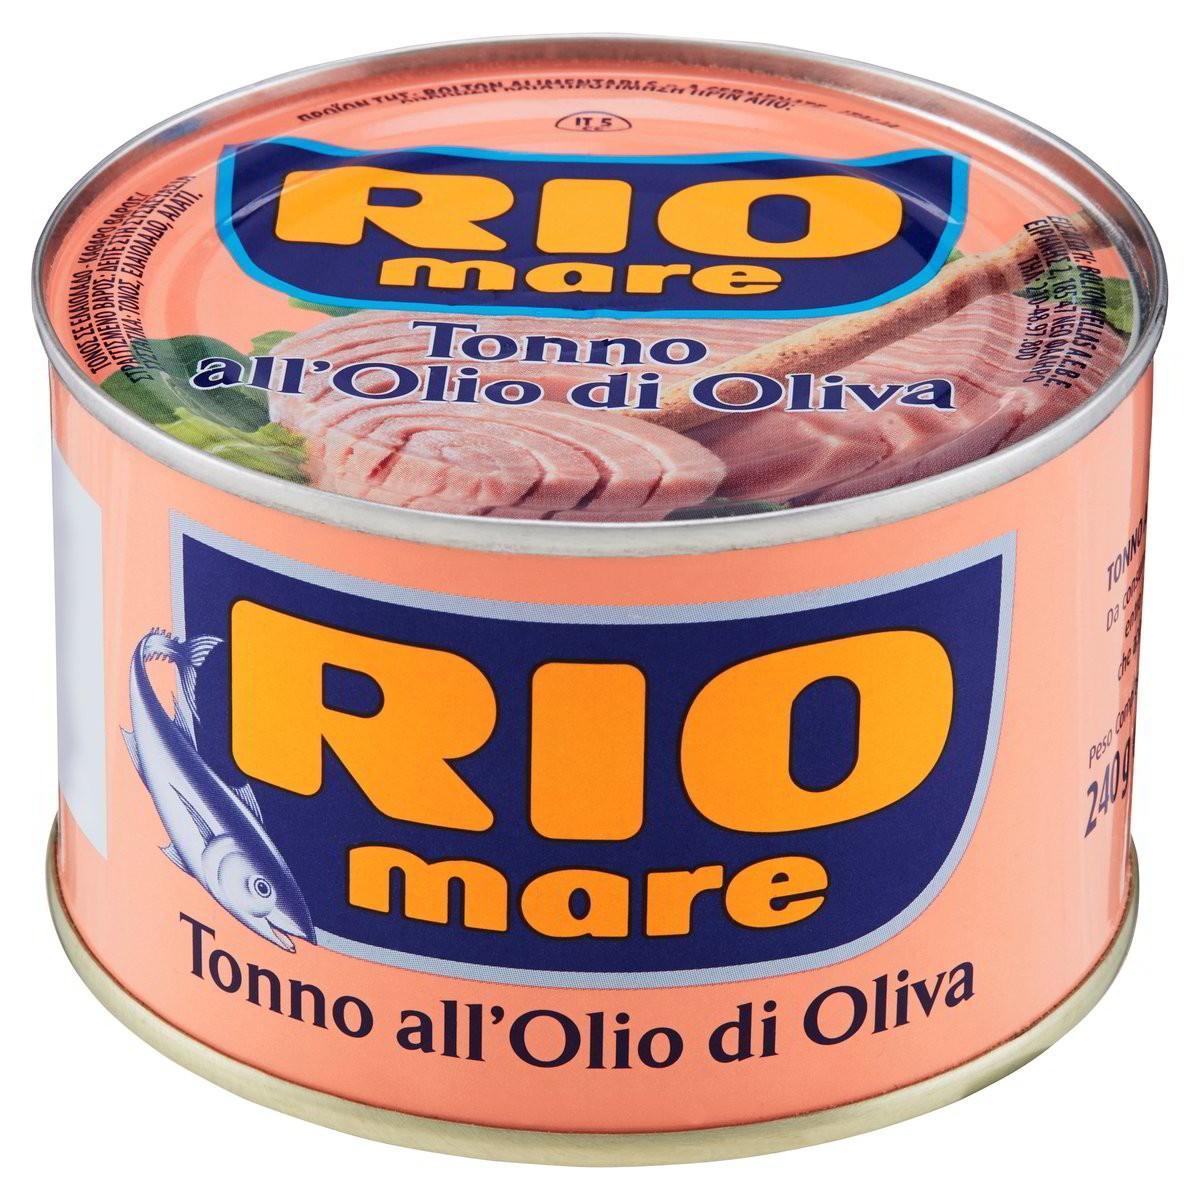 Tonno all'olio di oliva